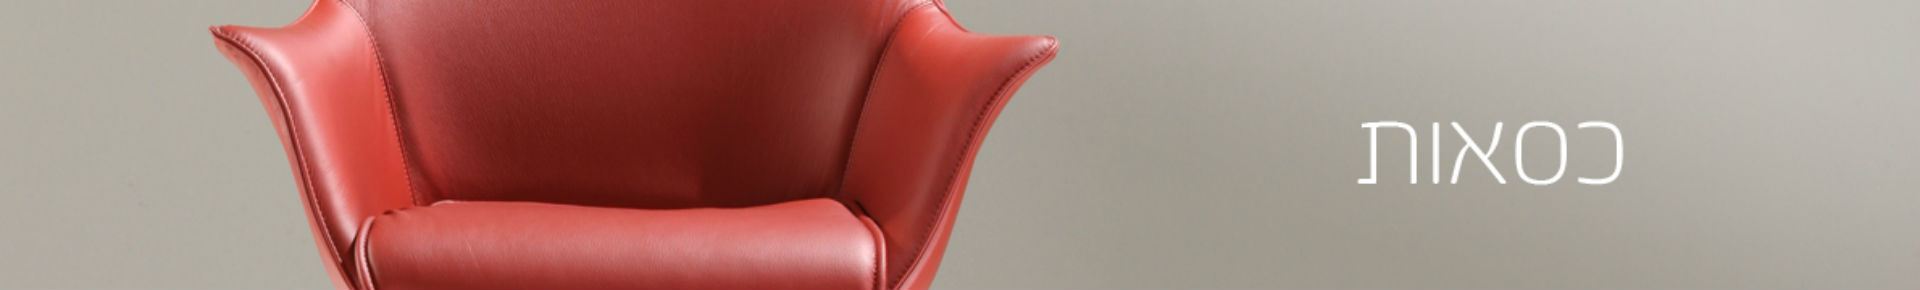 1באנר כסאו big - כיסאות